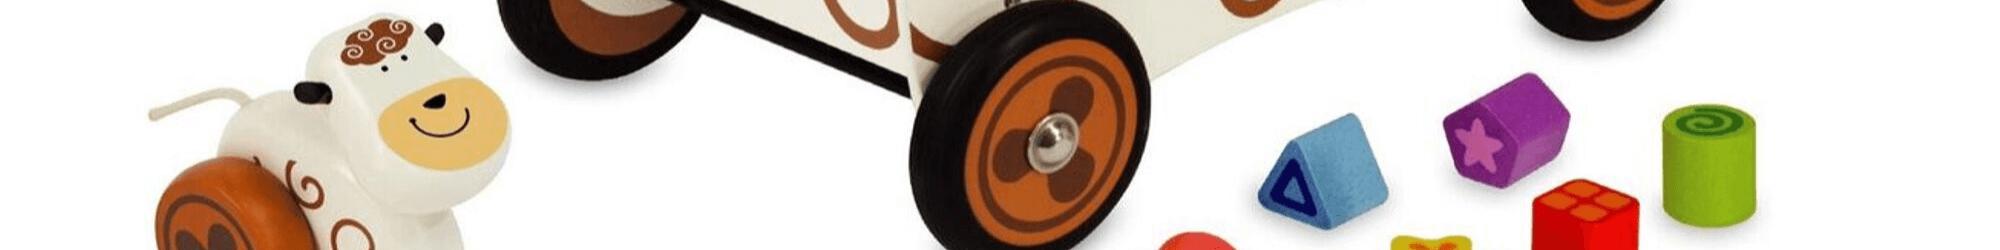 Speelgoedwinkel Daantje houten speelgoed loopfietsje houten loopwagen